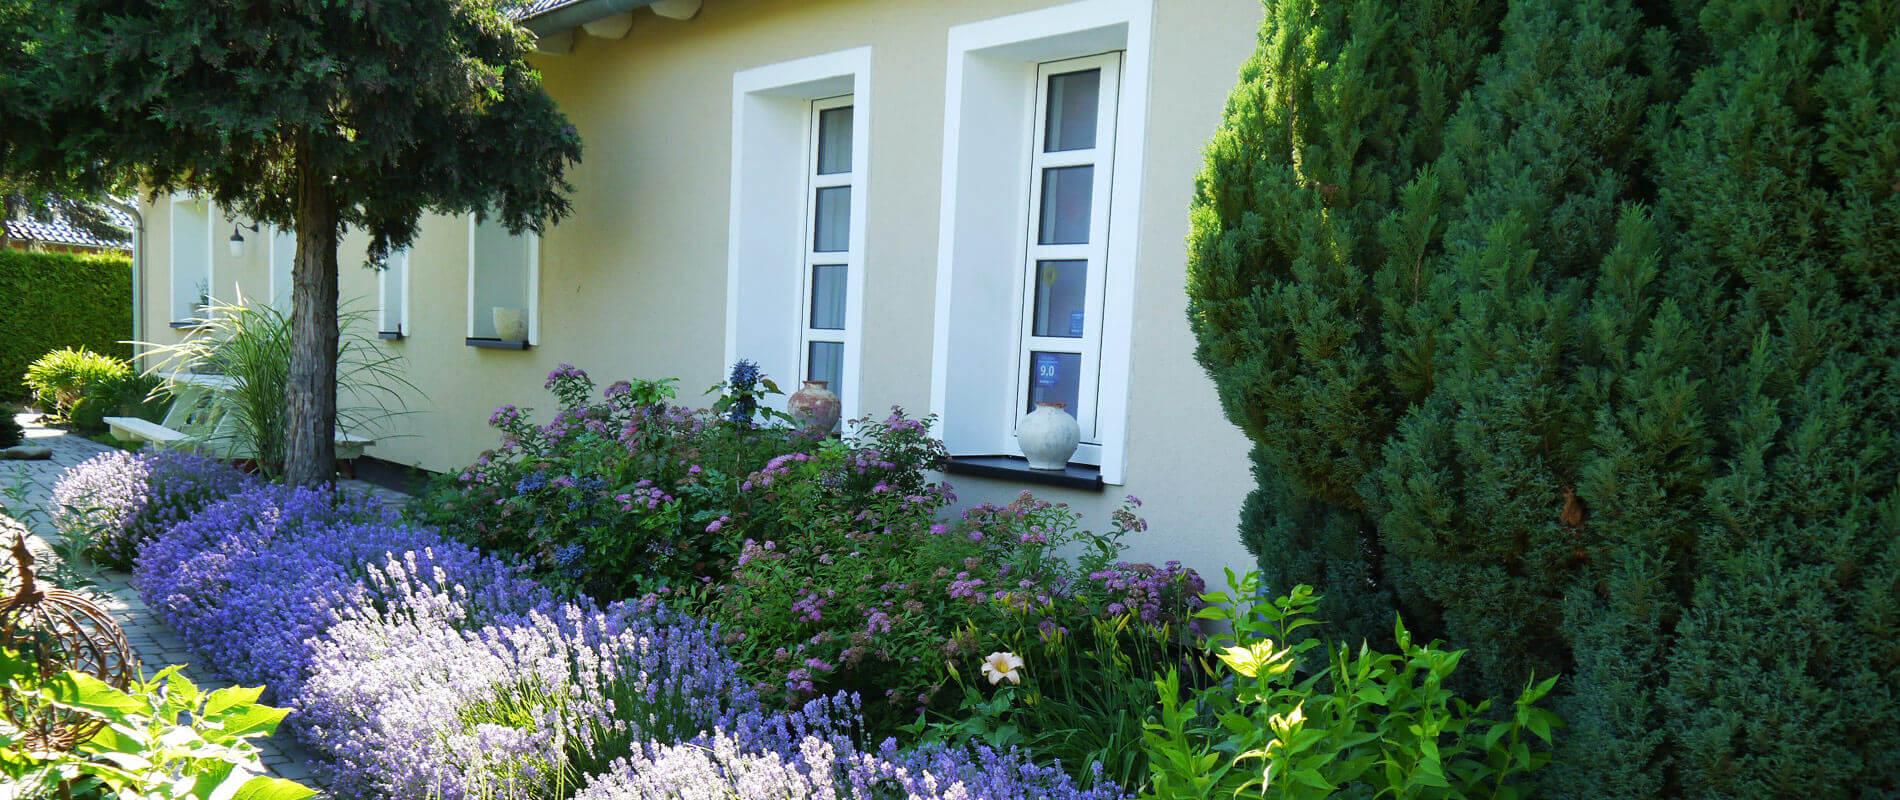 Blühender lila Lavendel vor den Fenstern des Hauses